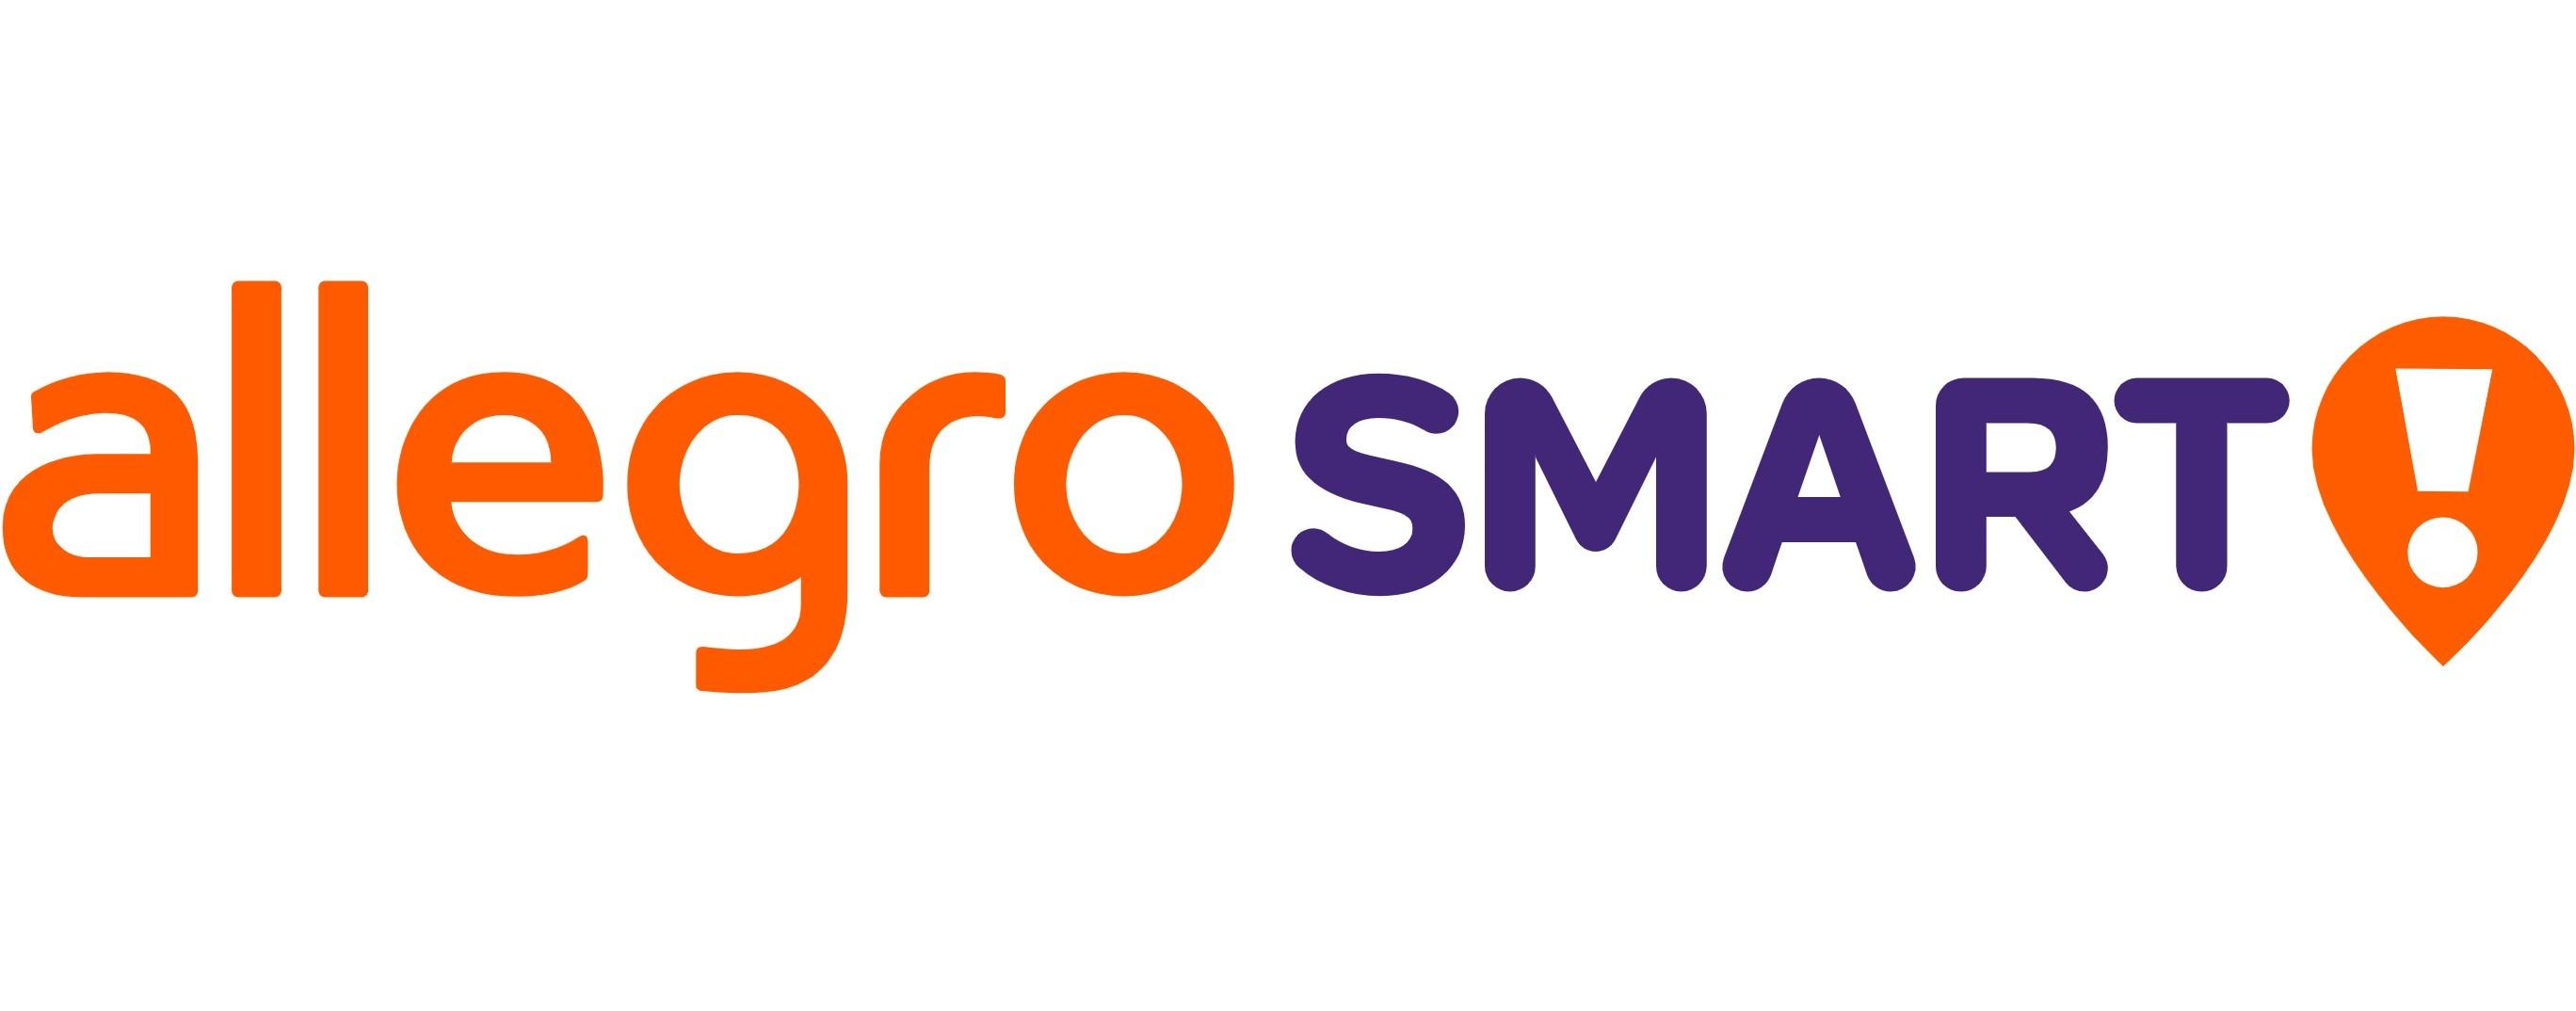 Allegro Smart Dla Sprzedajacych